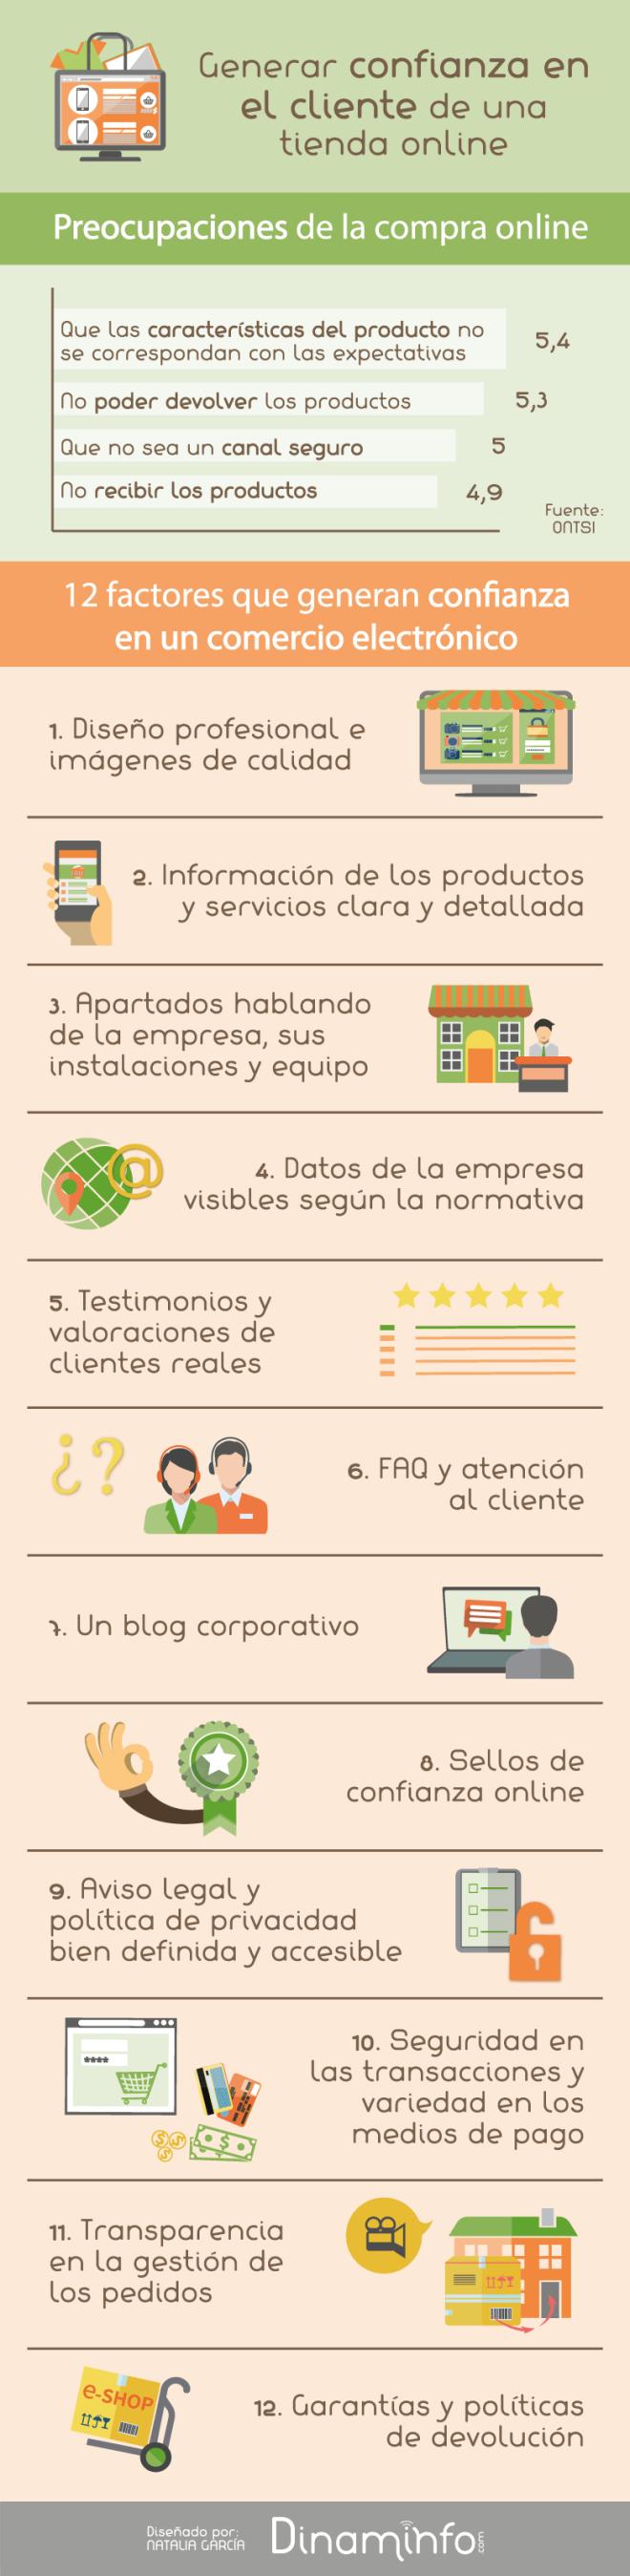 12 factores que generan confianza en tu Tienda Online